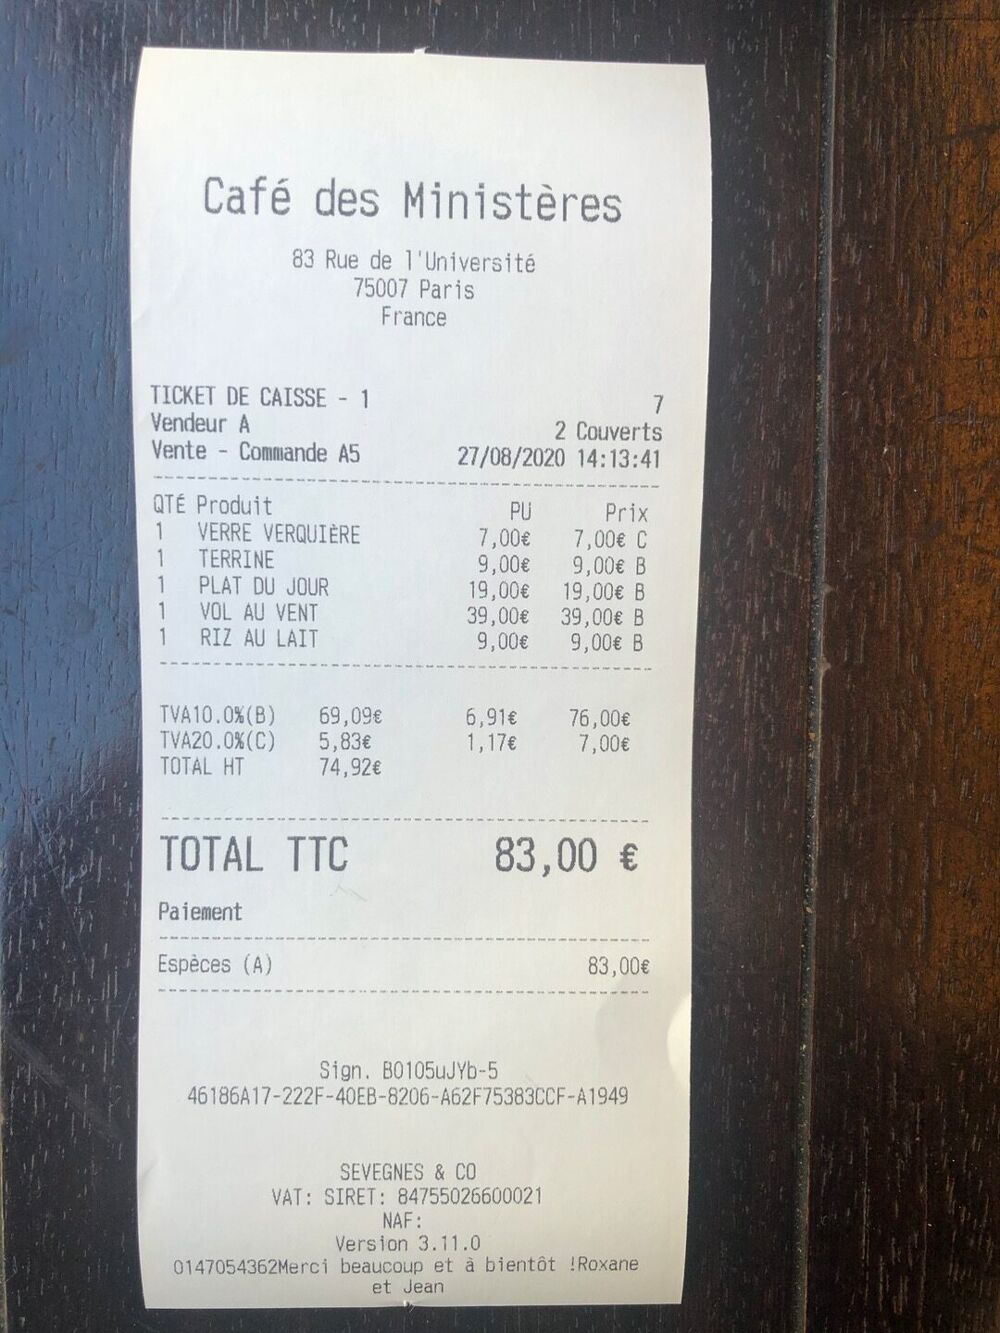 16_12_11_426_75007_cafe_des_ministe_res.jpg